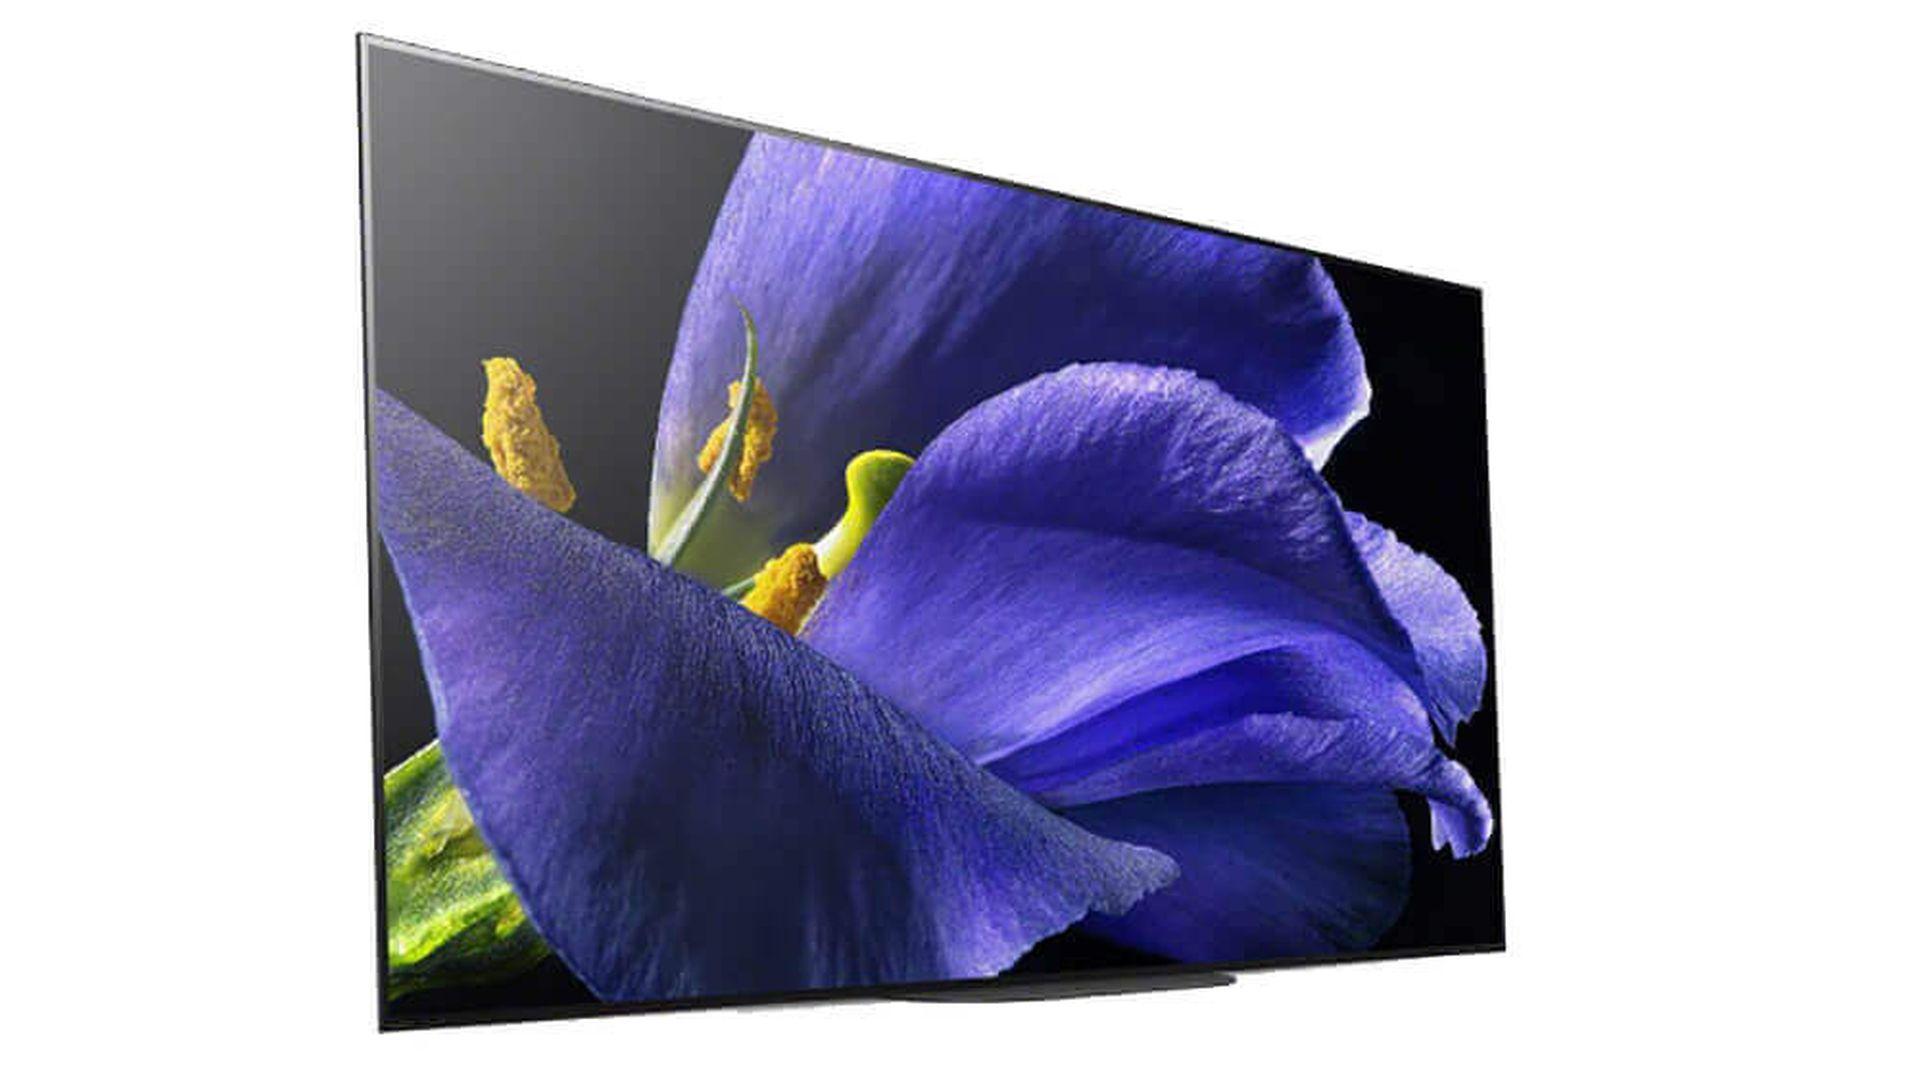 Tegoroczne smart telewizory od Sony z aplikacją Apple TV